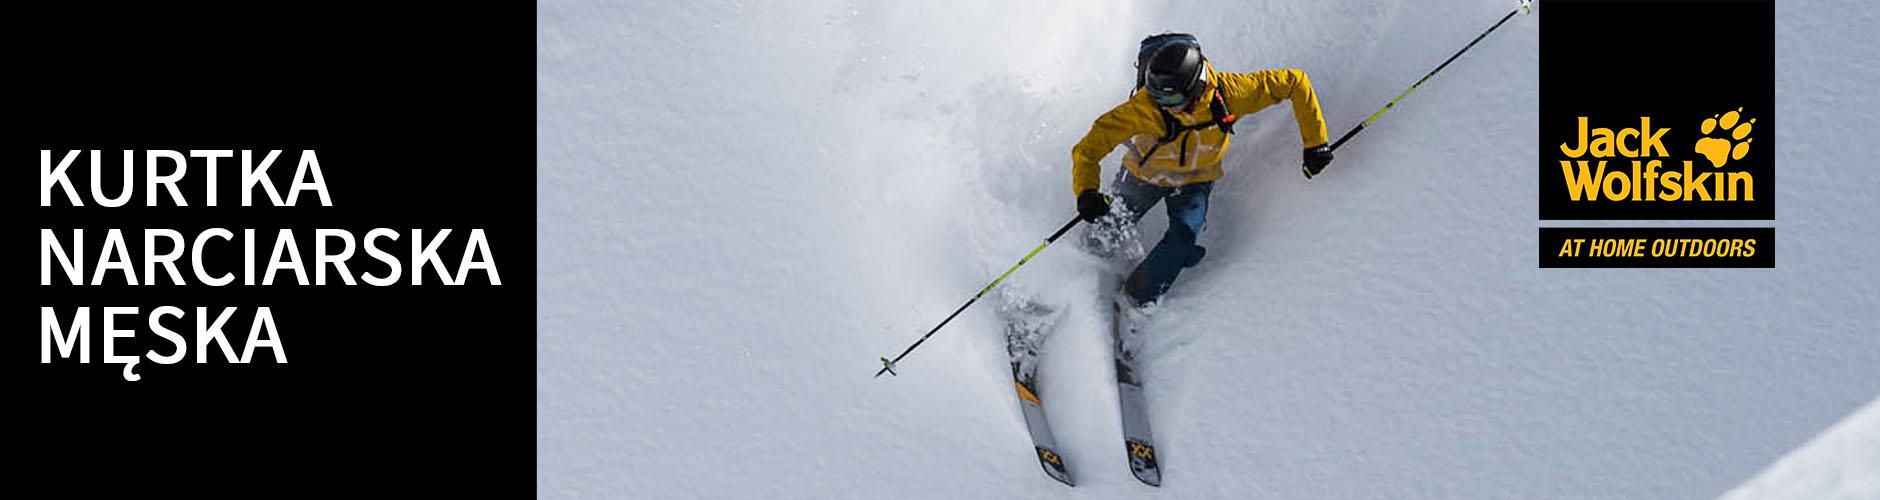 Kurtki narciarskie męskie Jack Wolfskin